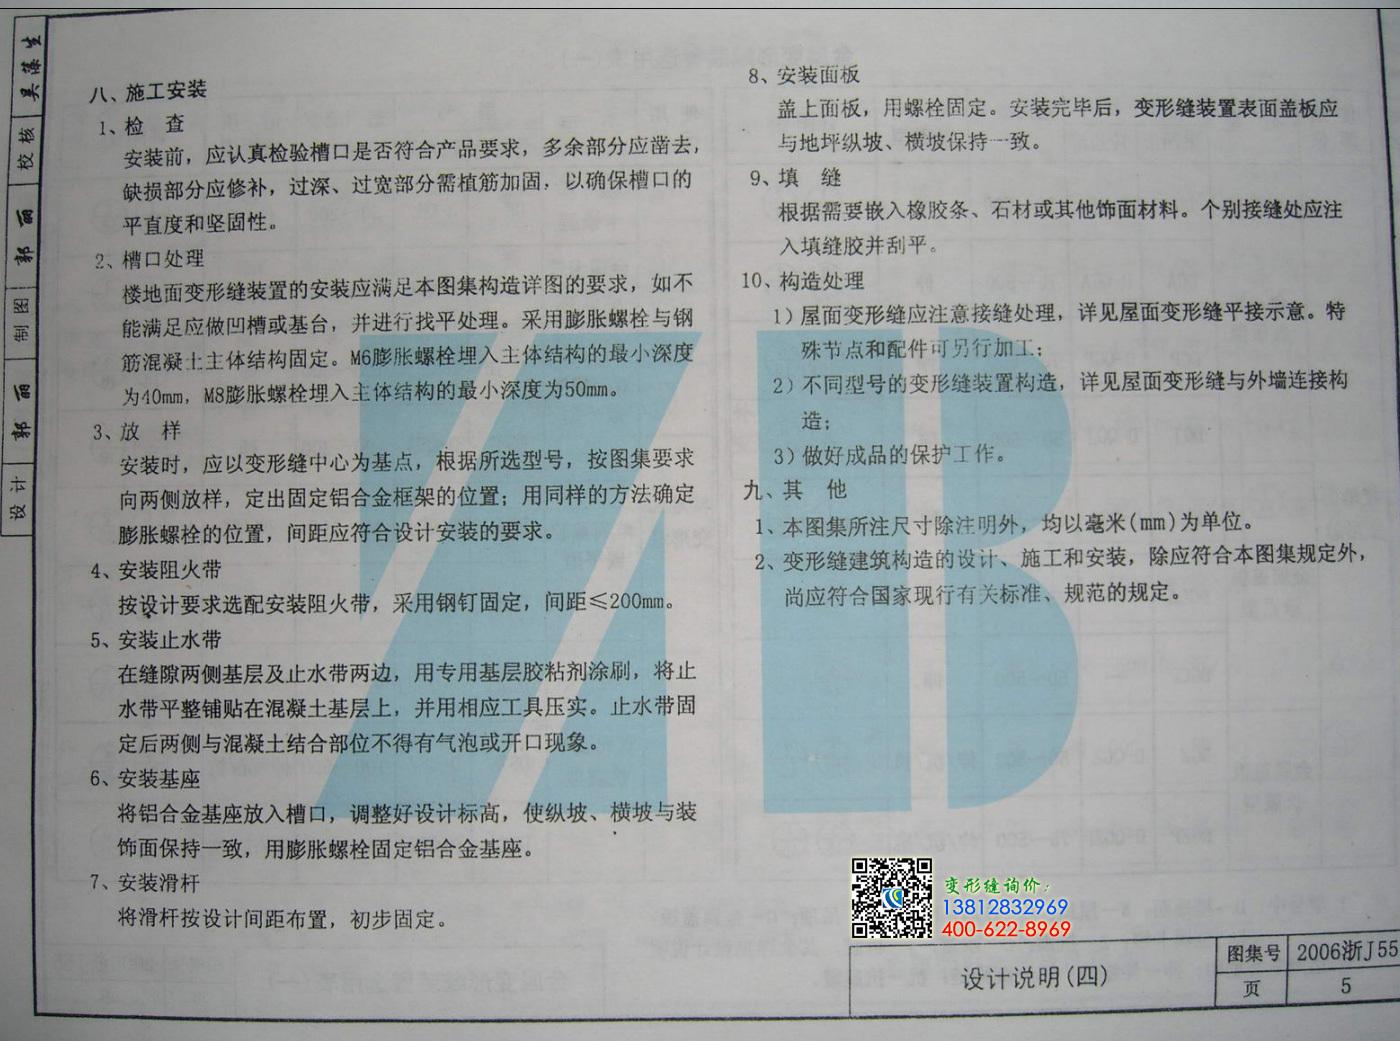 2006浙j55变形缝图集第5页